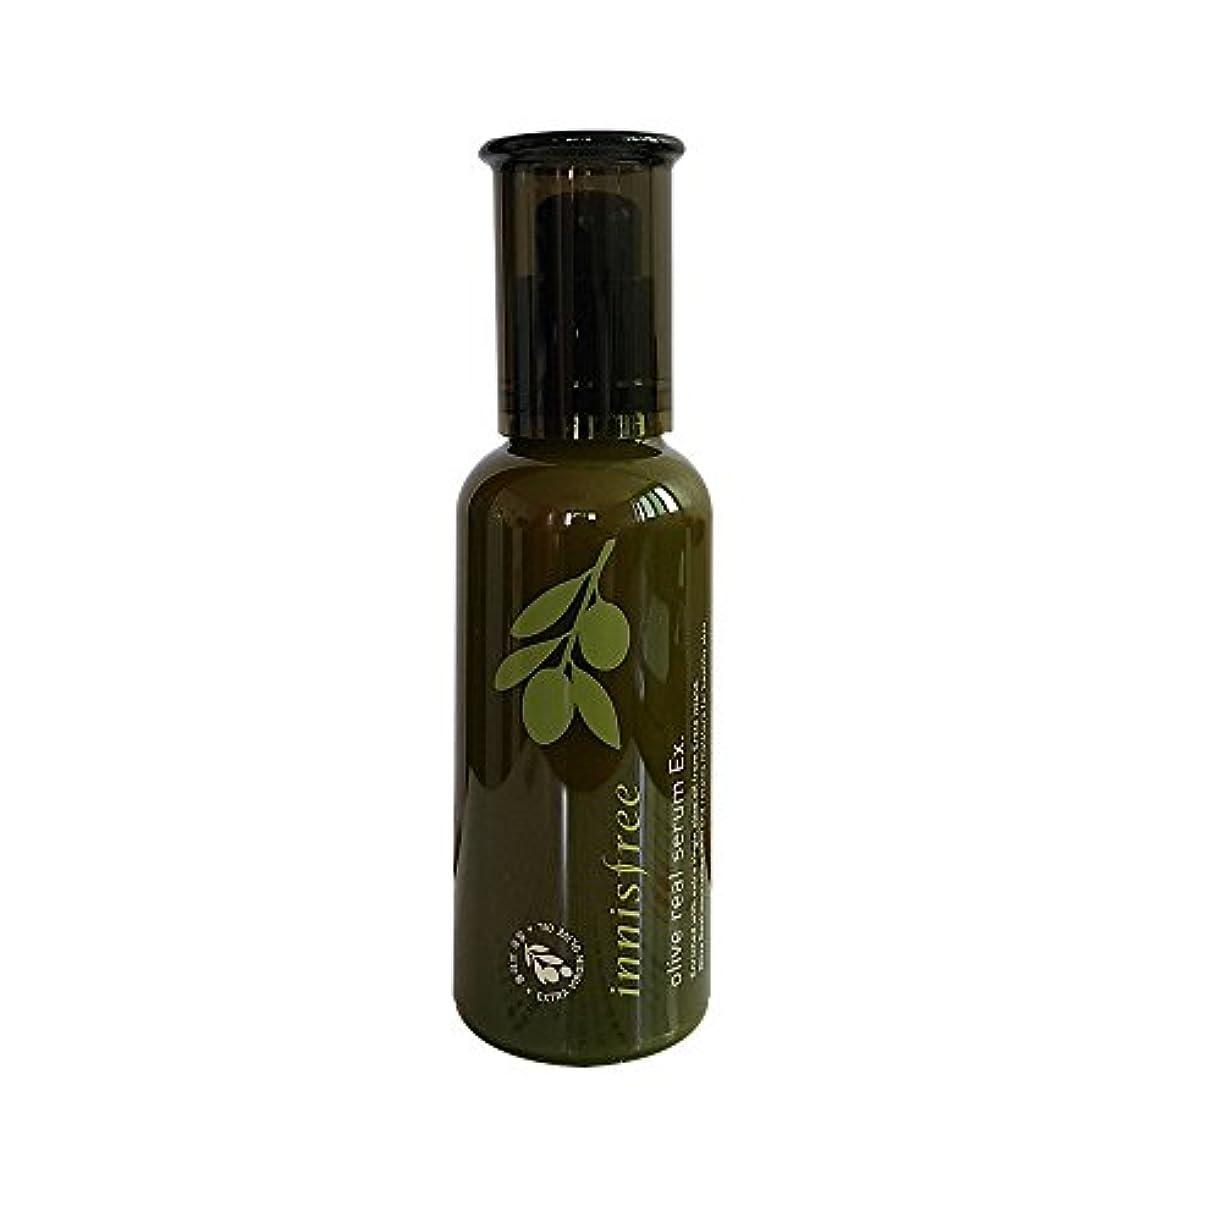 凝視トリクル異形イニスフリー Innisfree オリーブリアルセラム(50ml) Innisfree Olive Real Serum(50ml) [海外直送品]